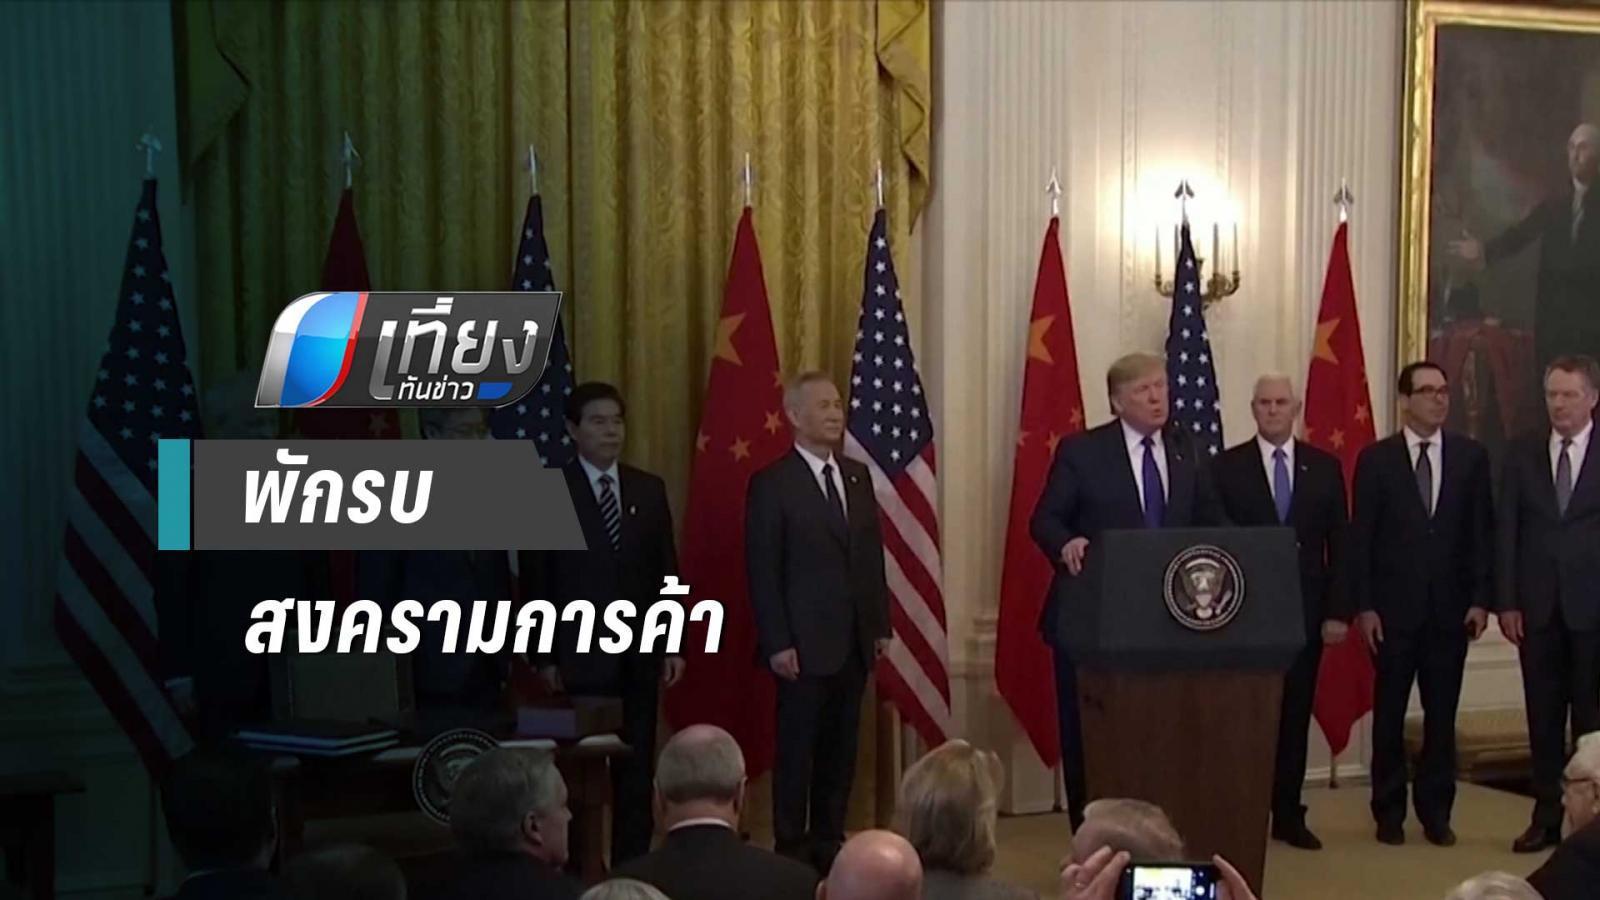 จีน-สหรัฐฯ ลงนามข้อตกลงเฟส 1 พักรบสงครามค้า